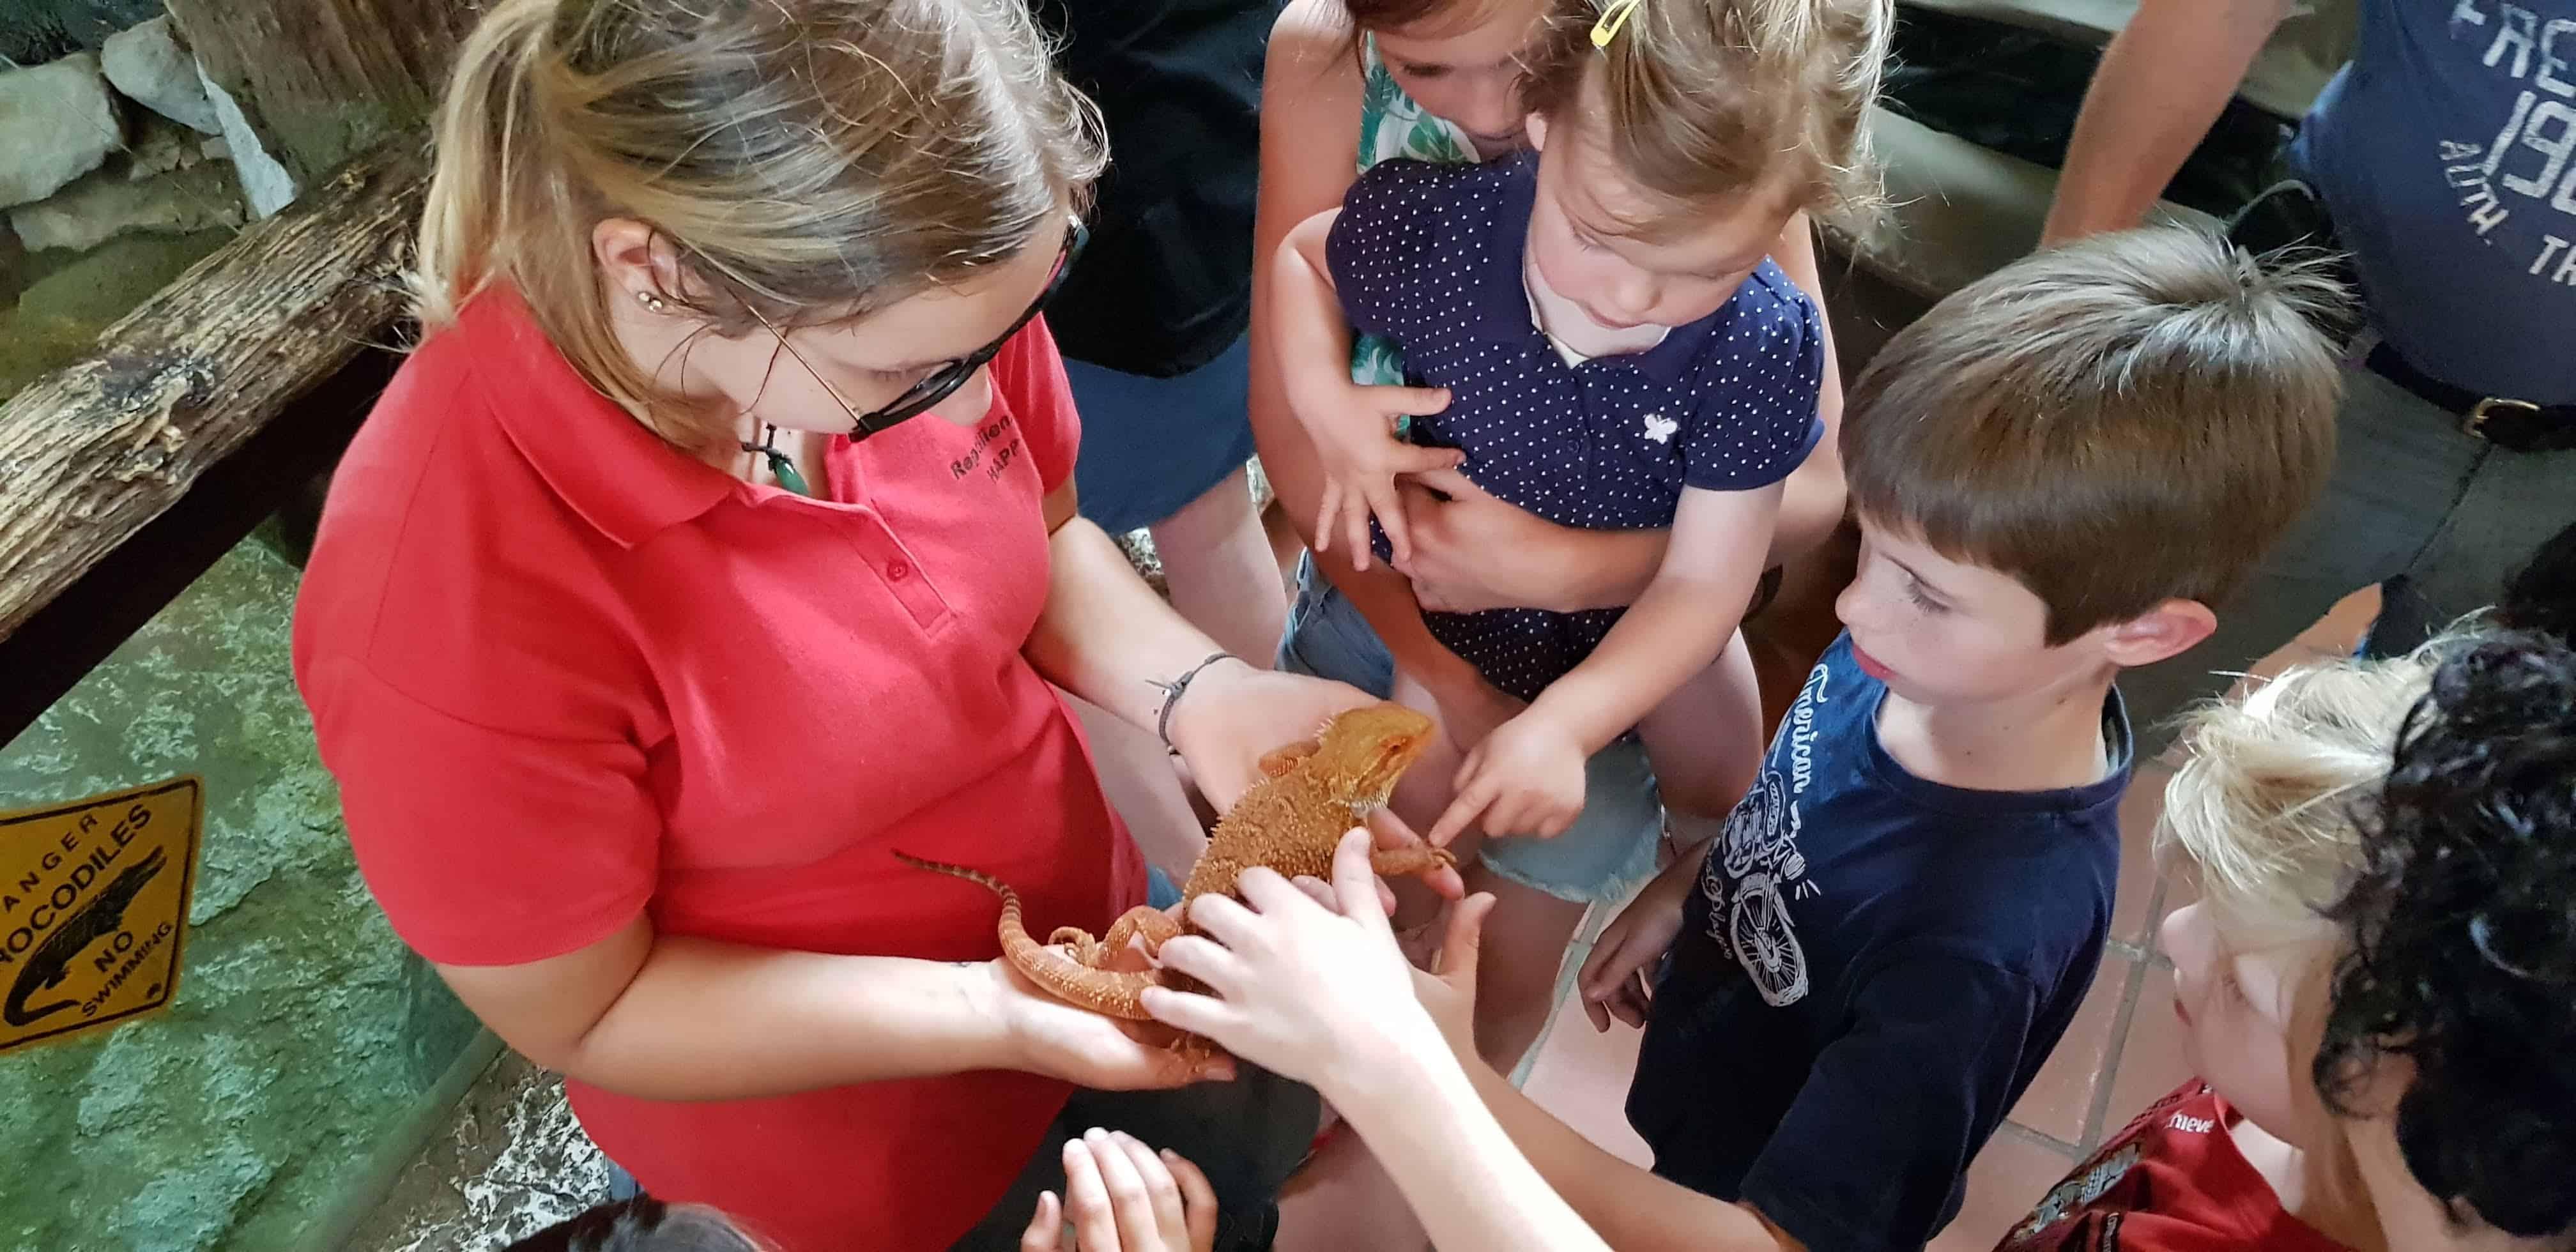 Kinder mit Eidechse bei Führung im Reptilienzoo Happ in Klagenfurt